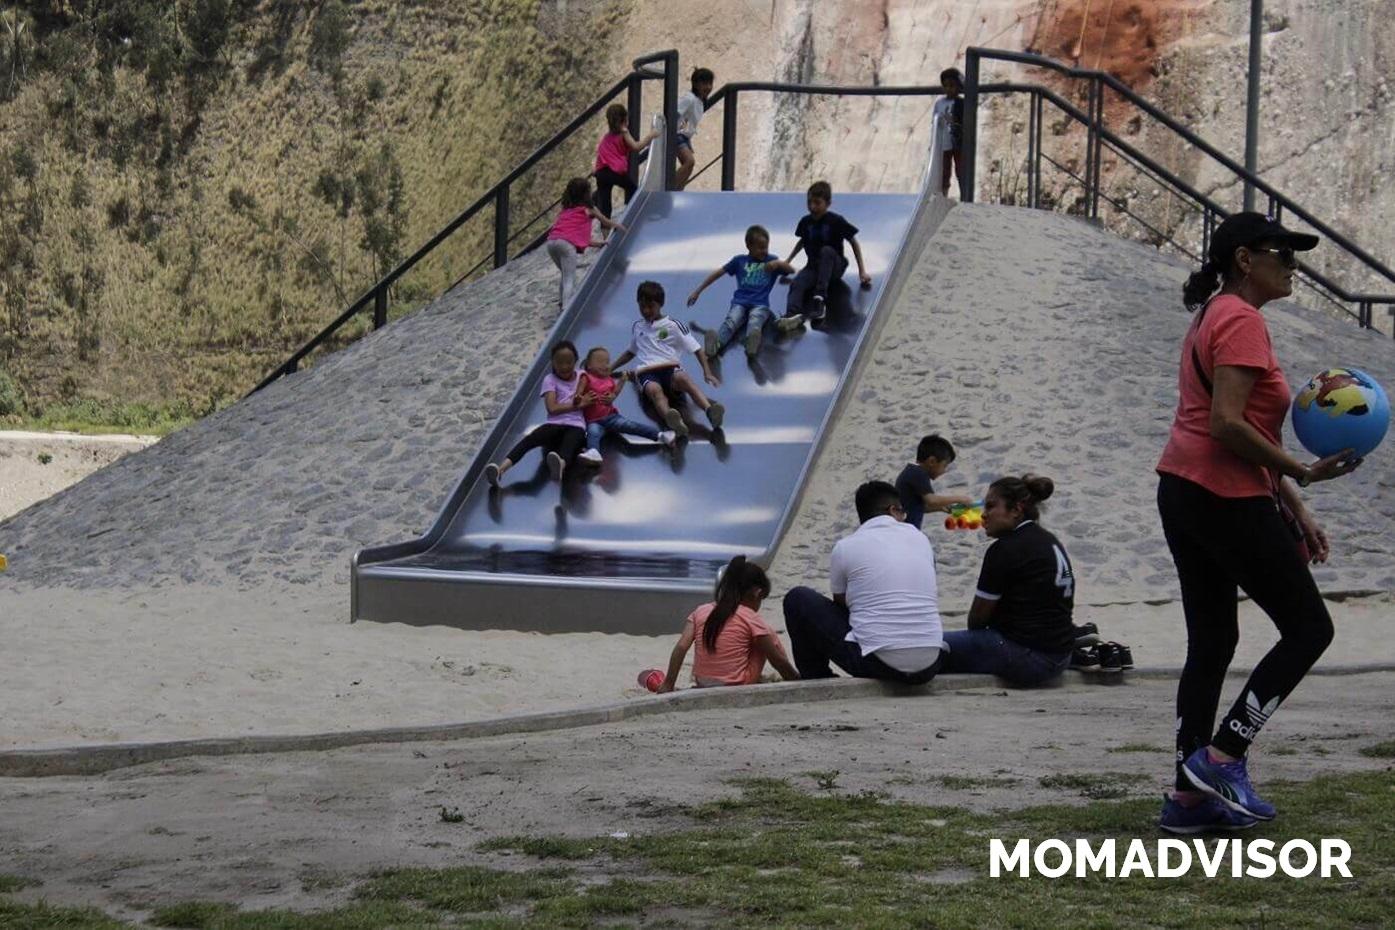 parque-la-mexicana-resbaladillas-momadvisor-logo